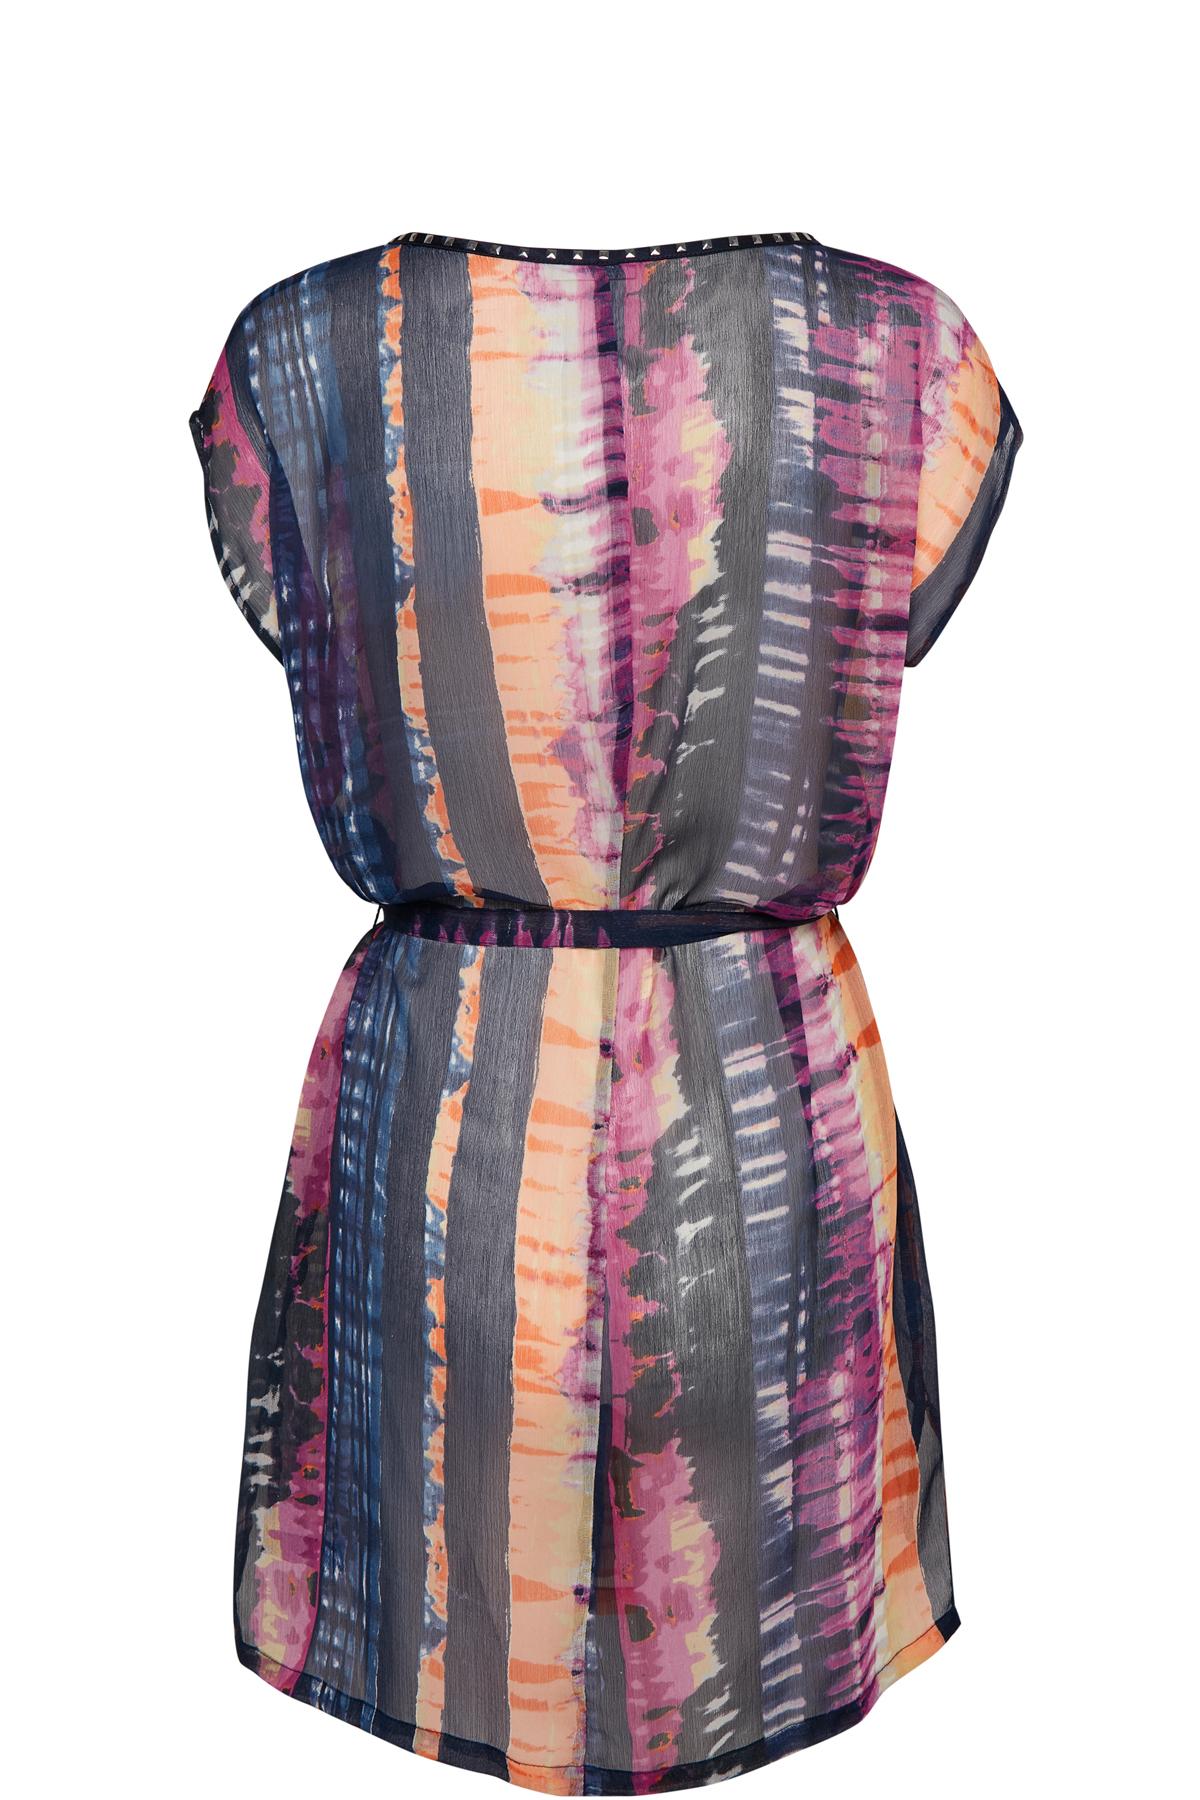 Marinblå/pink Klänning från Bon'A Parte – Köp Marinblå/pink Klänning från stl. S-2XL här